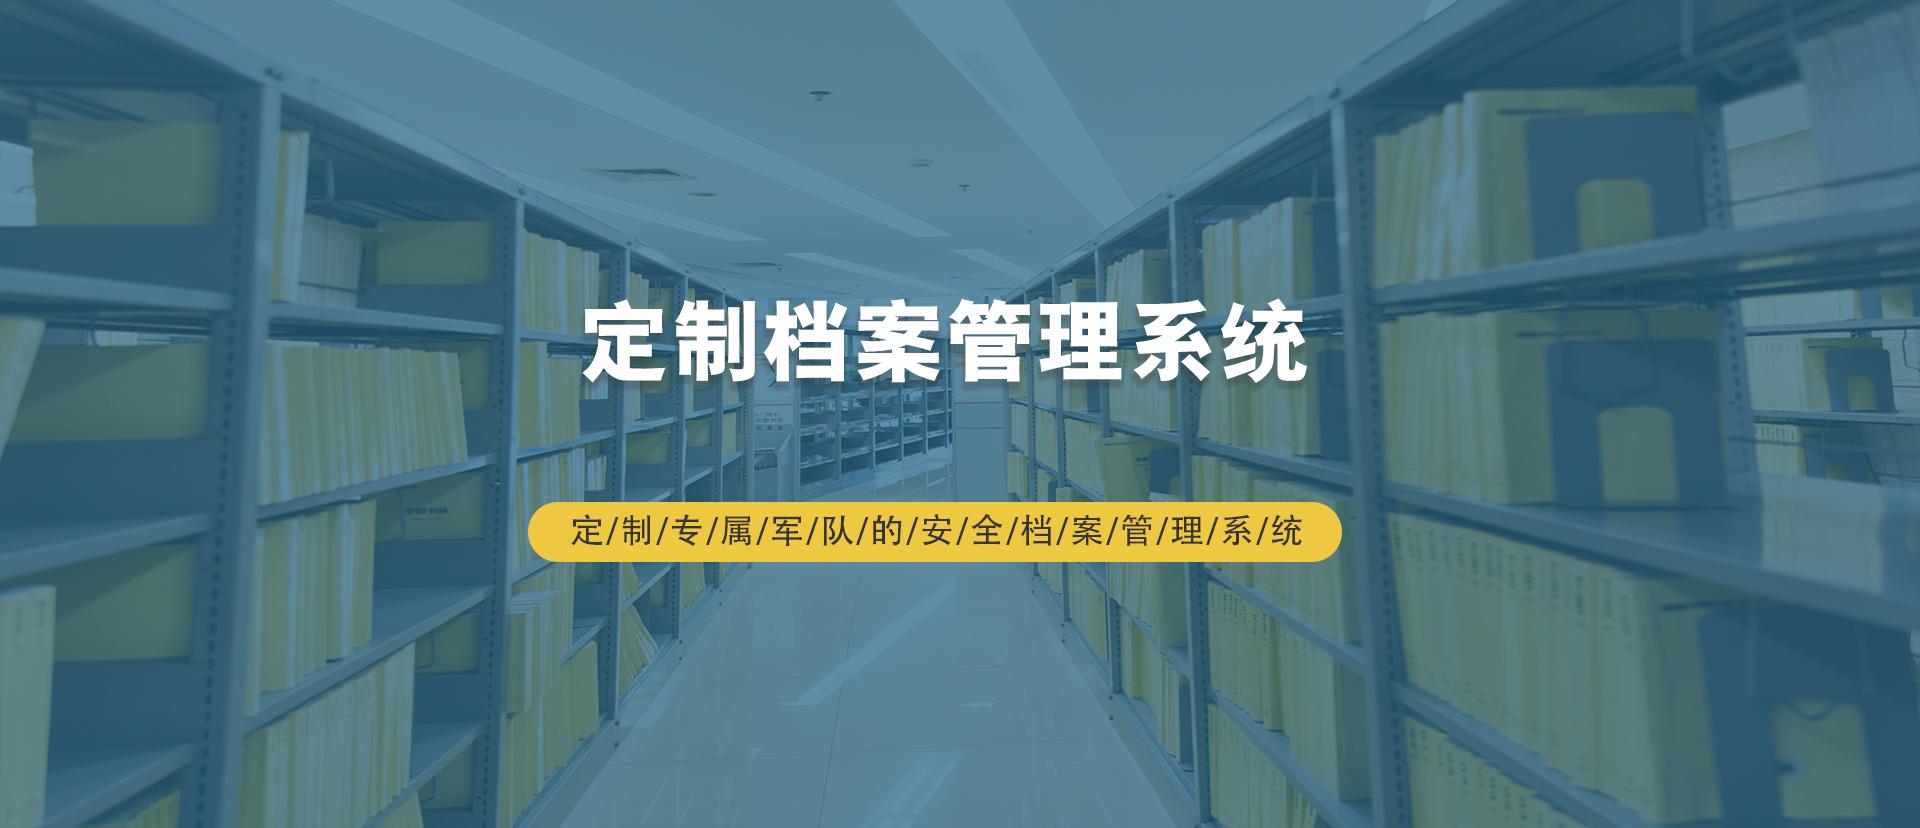 定制档案管理系统